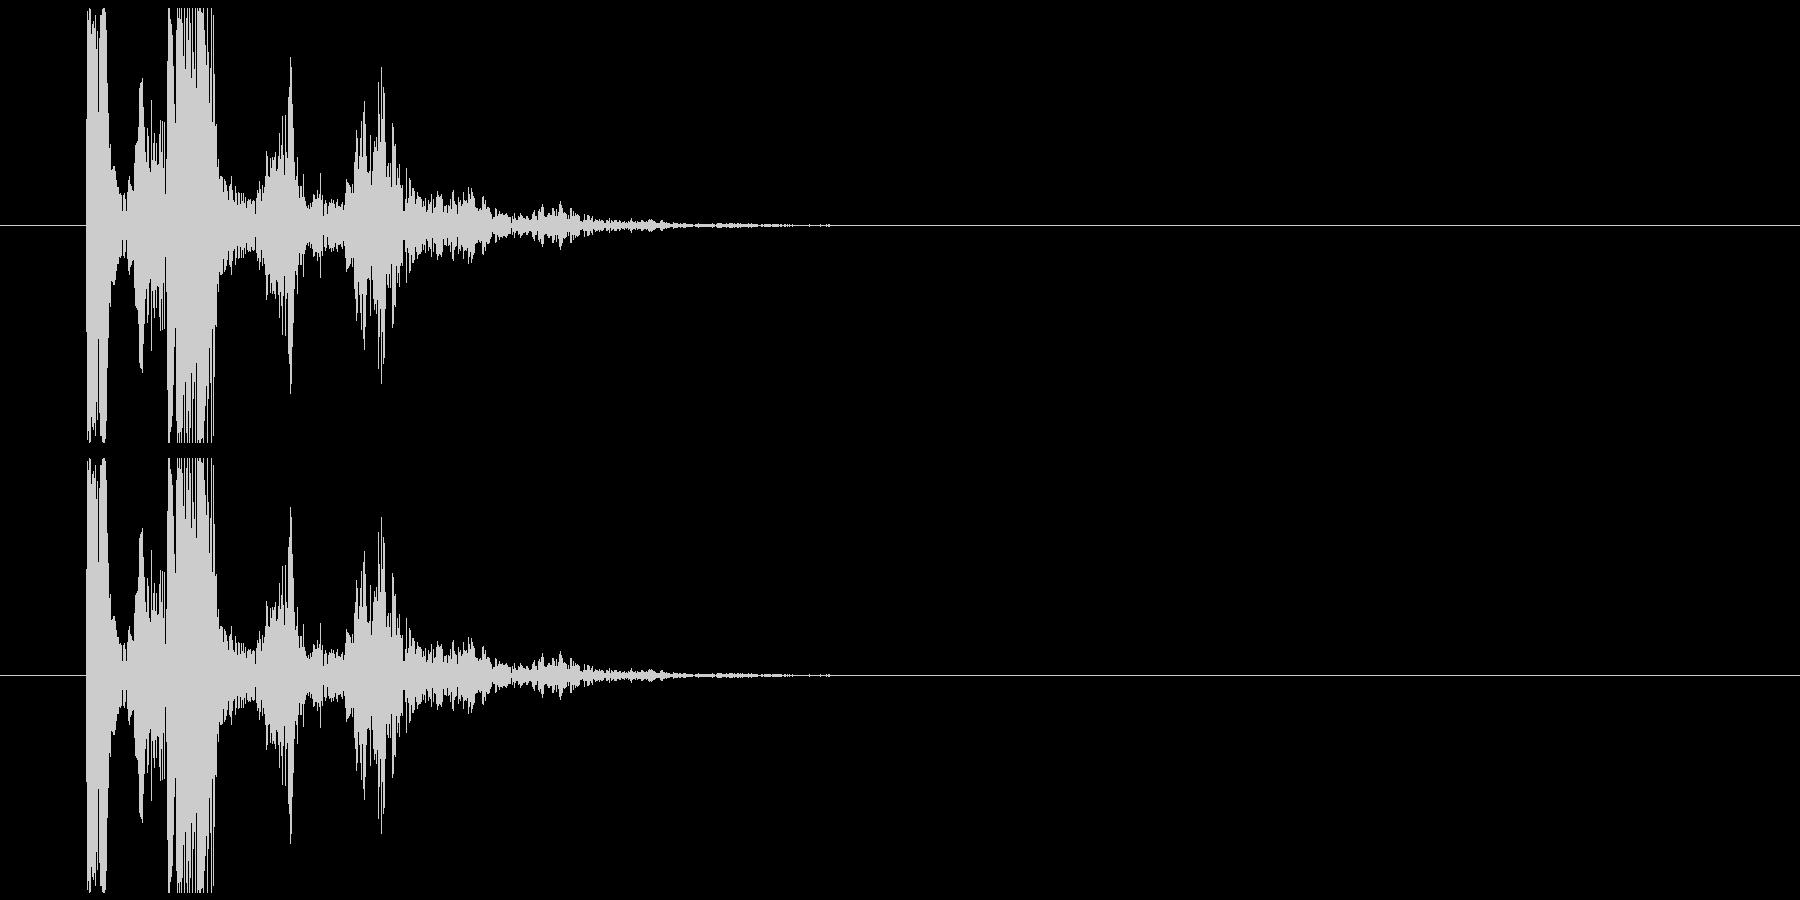 コミカルな魔法発射音の未再生の波形